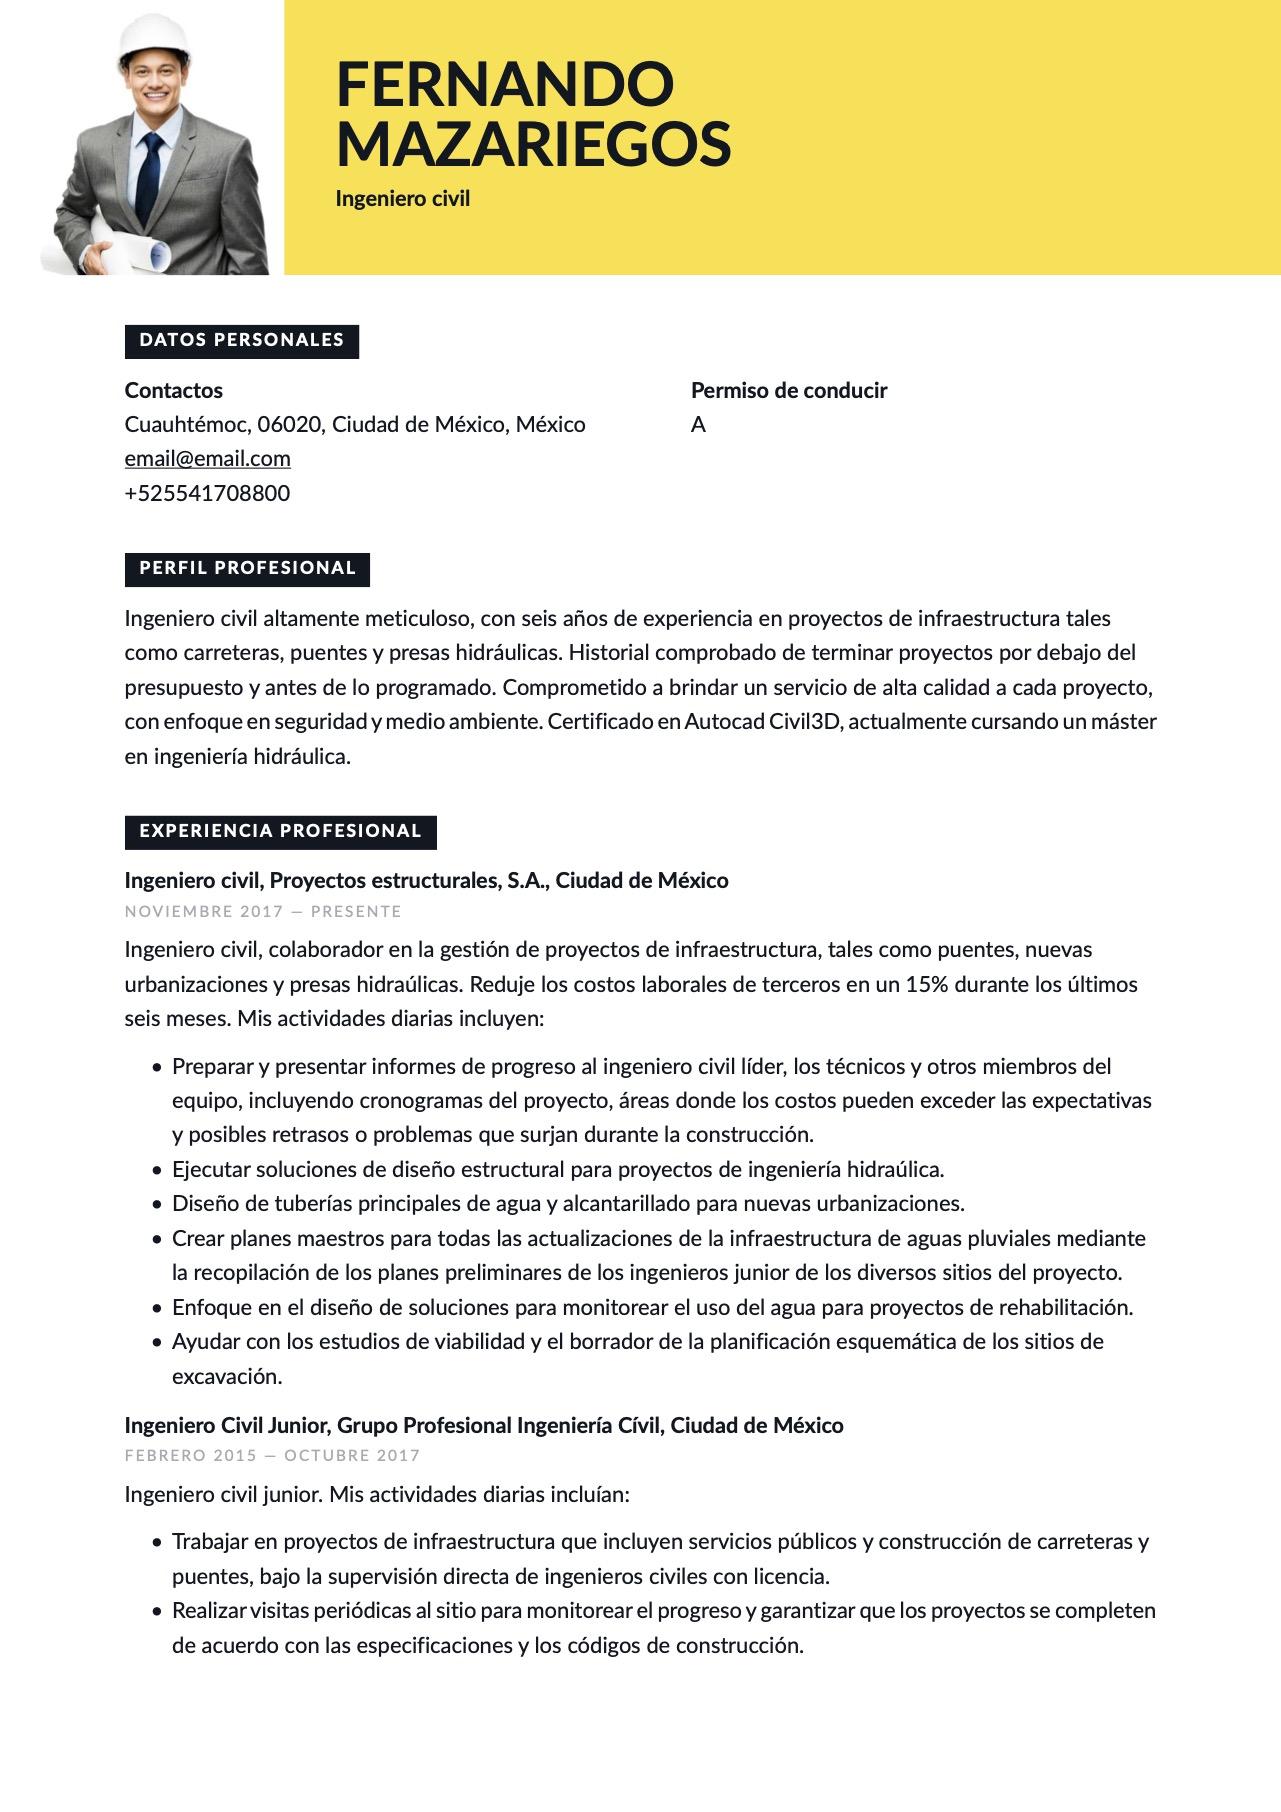 Currículum para Ingeniero civil